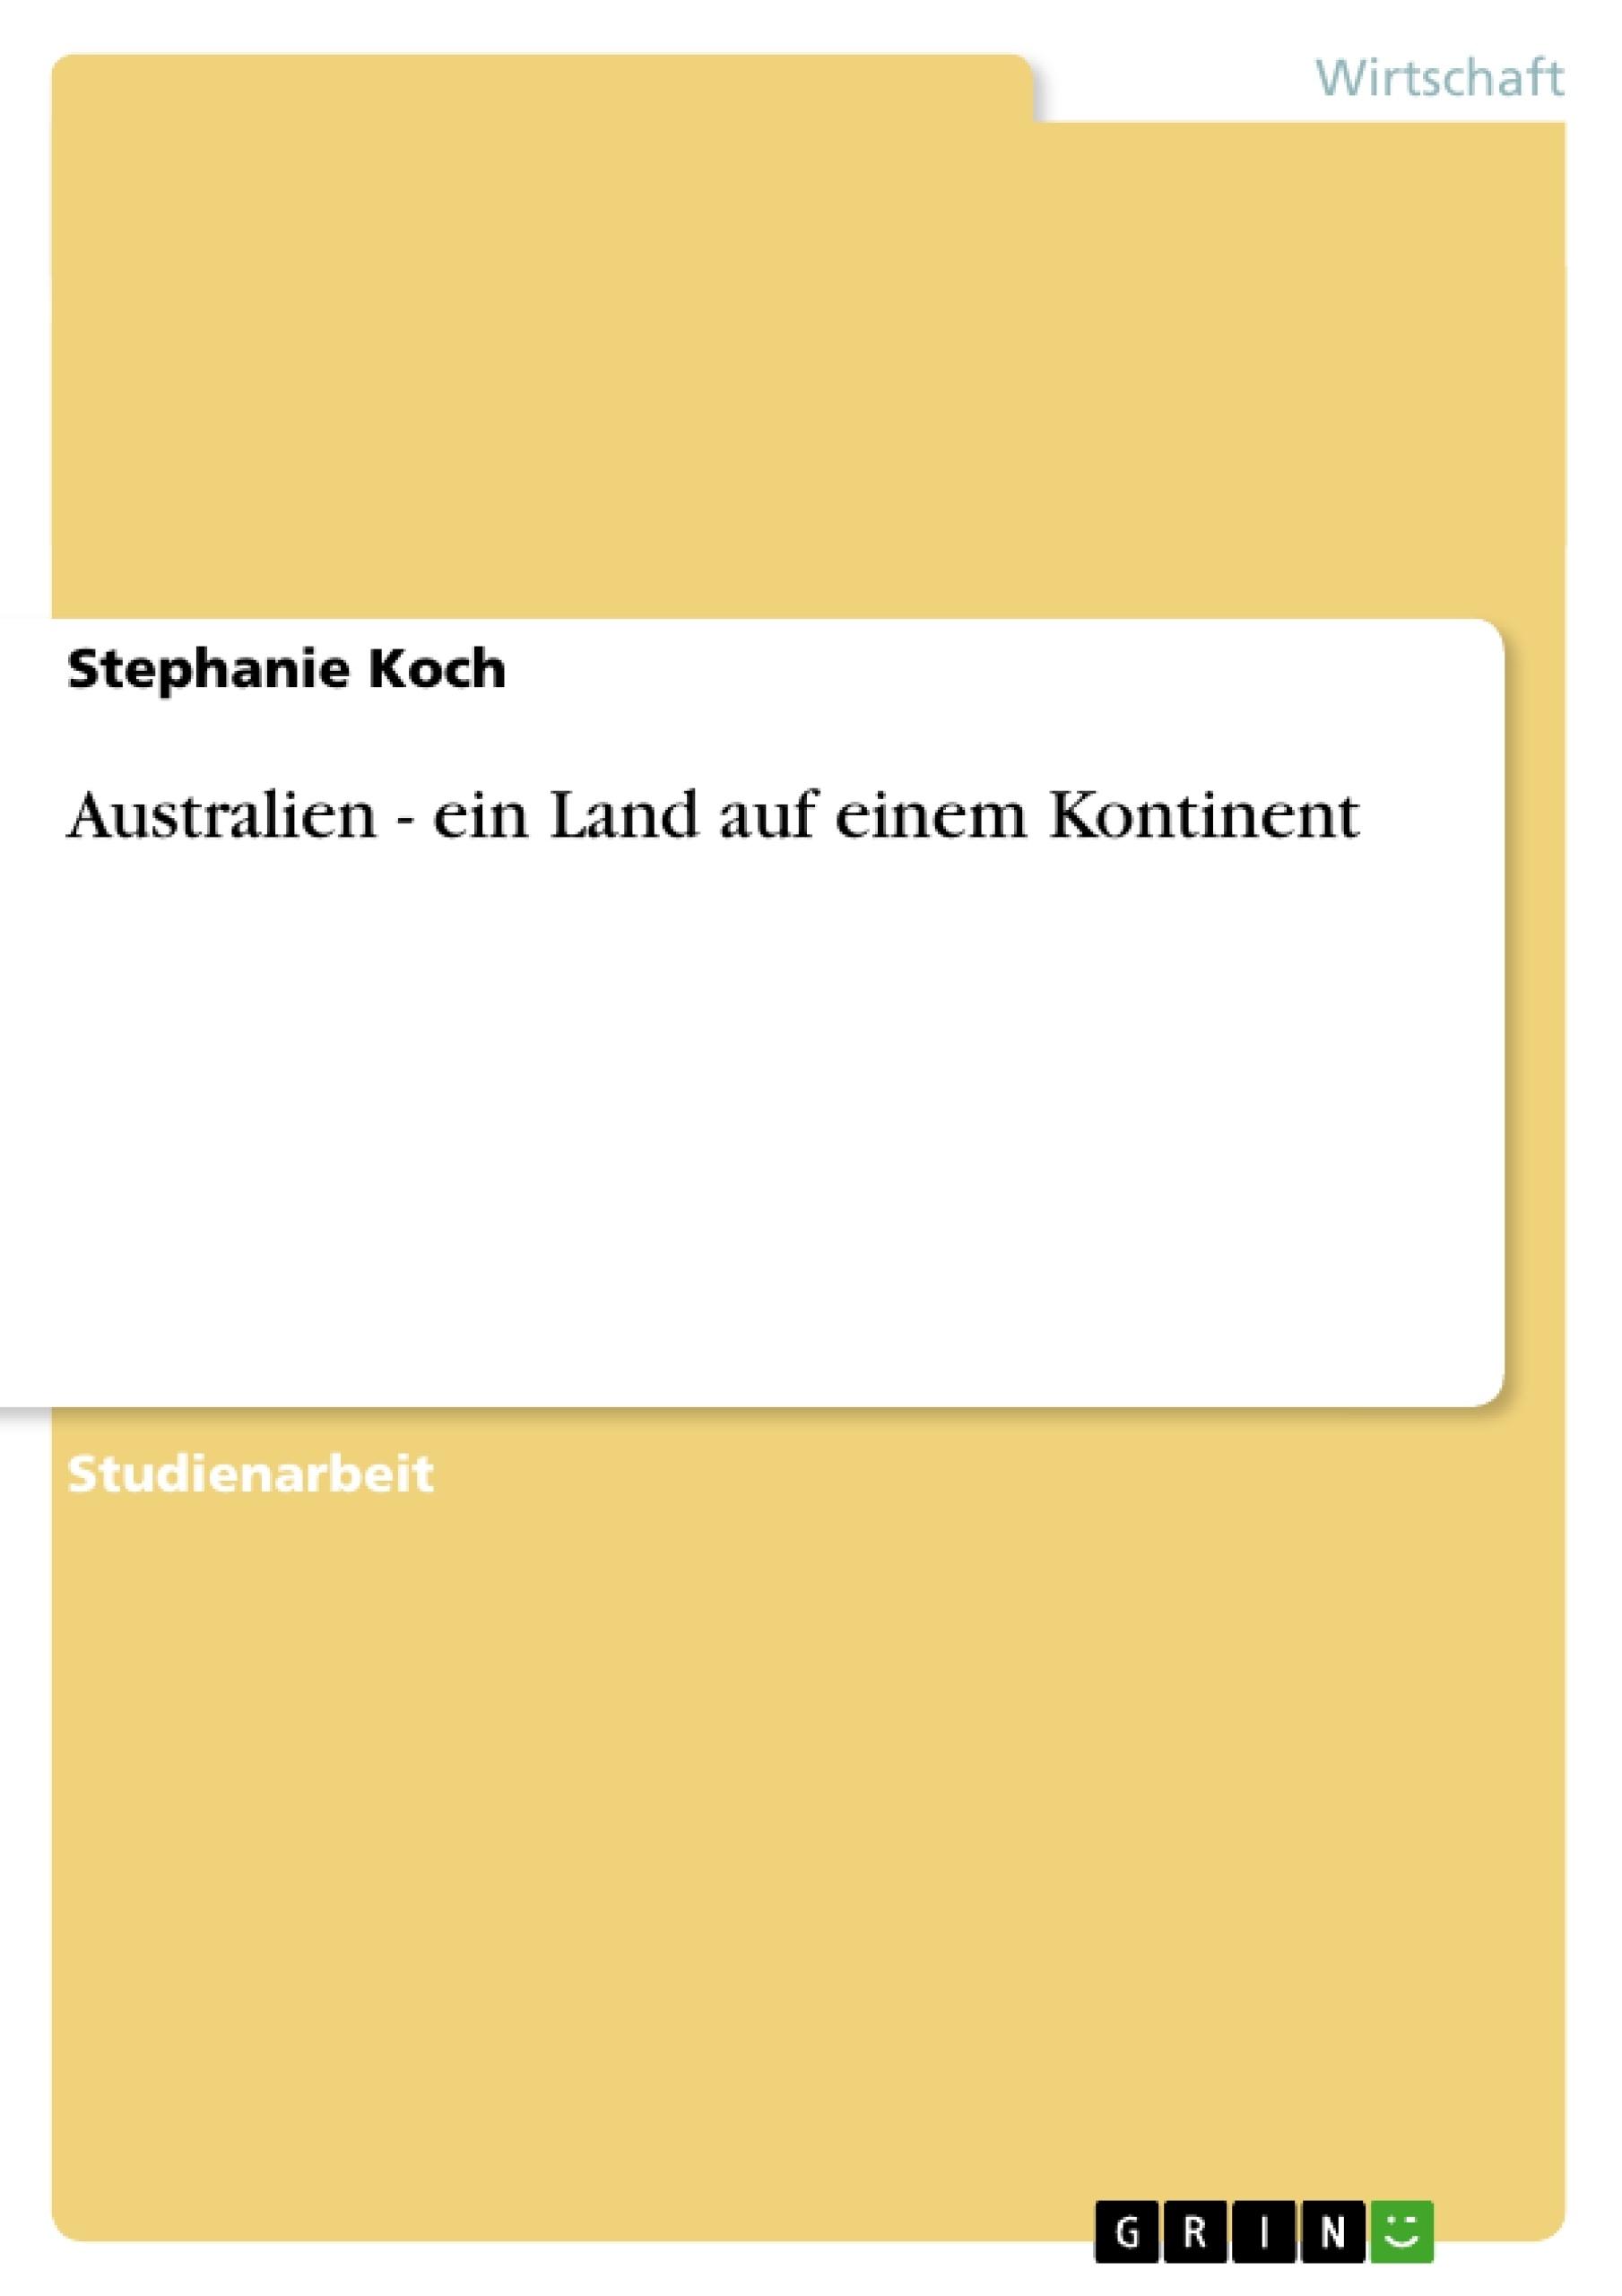 Titel: Australien - ein Land auf einem Kontinent